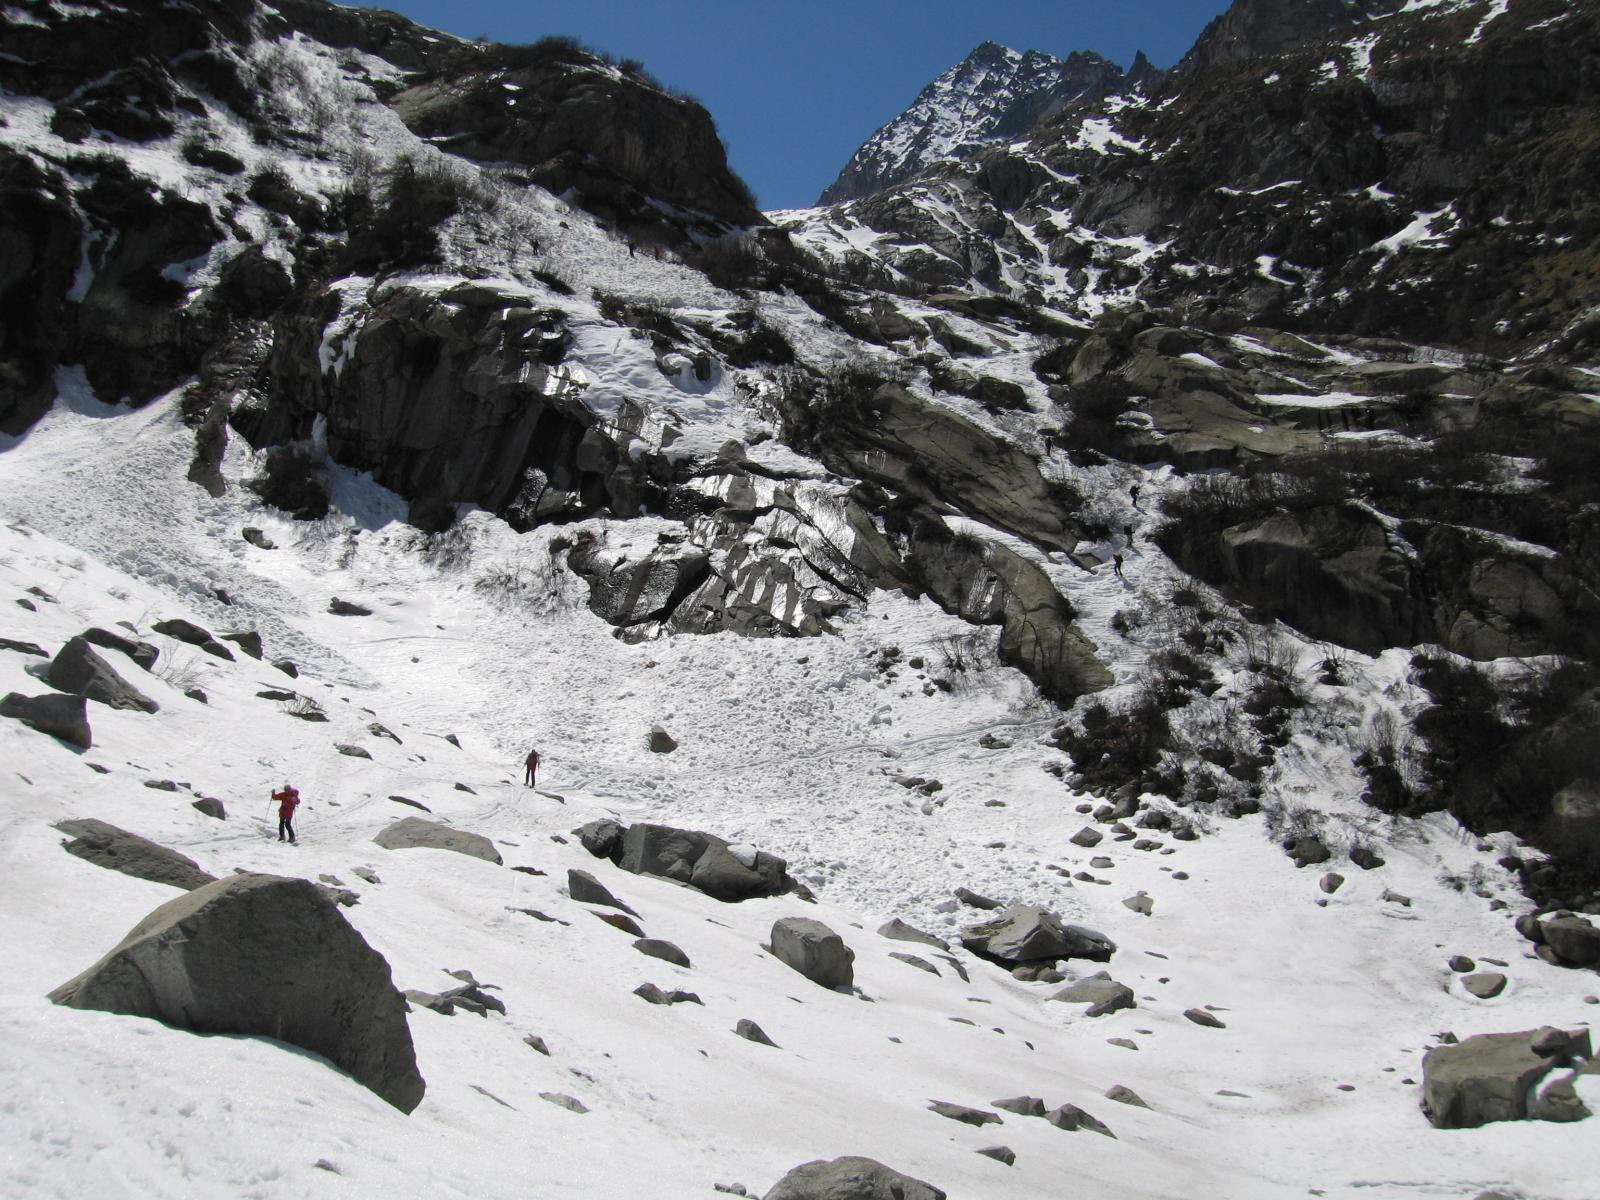 sfruttiamo le ultime lingue di neve sopra Sozzine per rientrare a Ponte di Legno